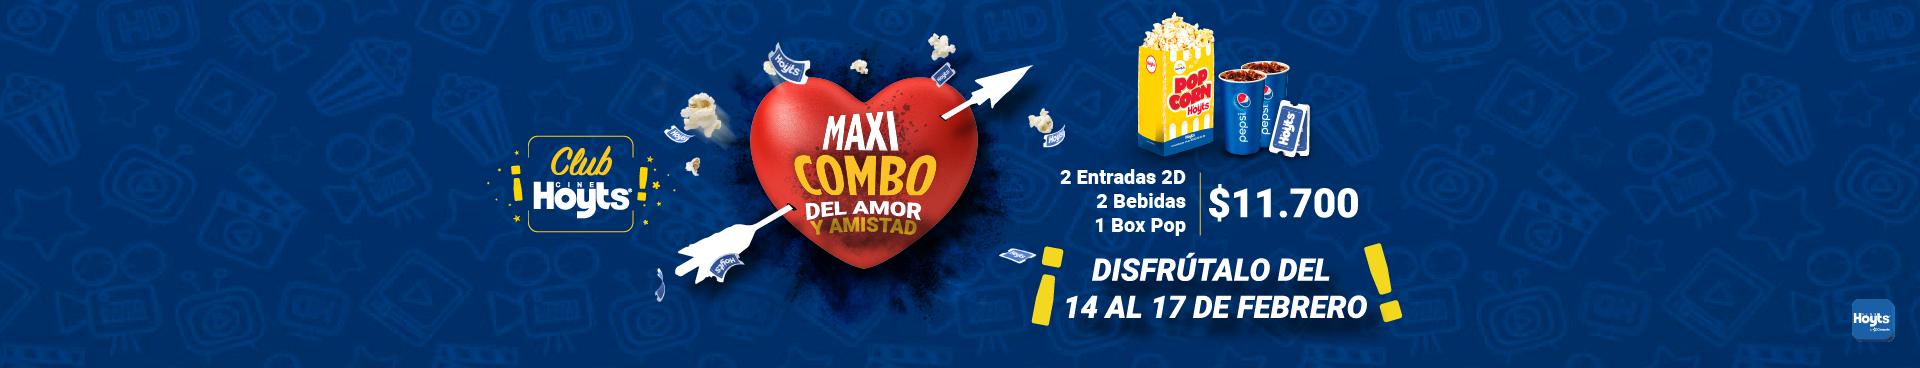 PROMOCIÓN MAXICOMBO DEL AMOR Y LA AMISTAD